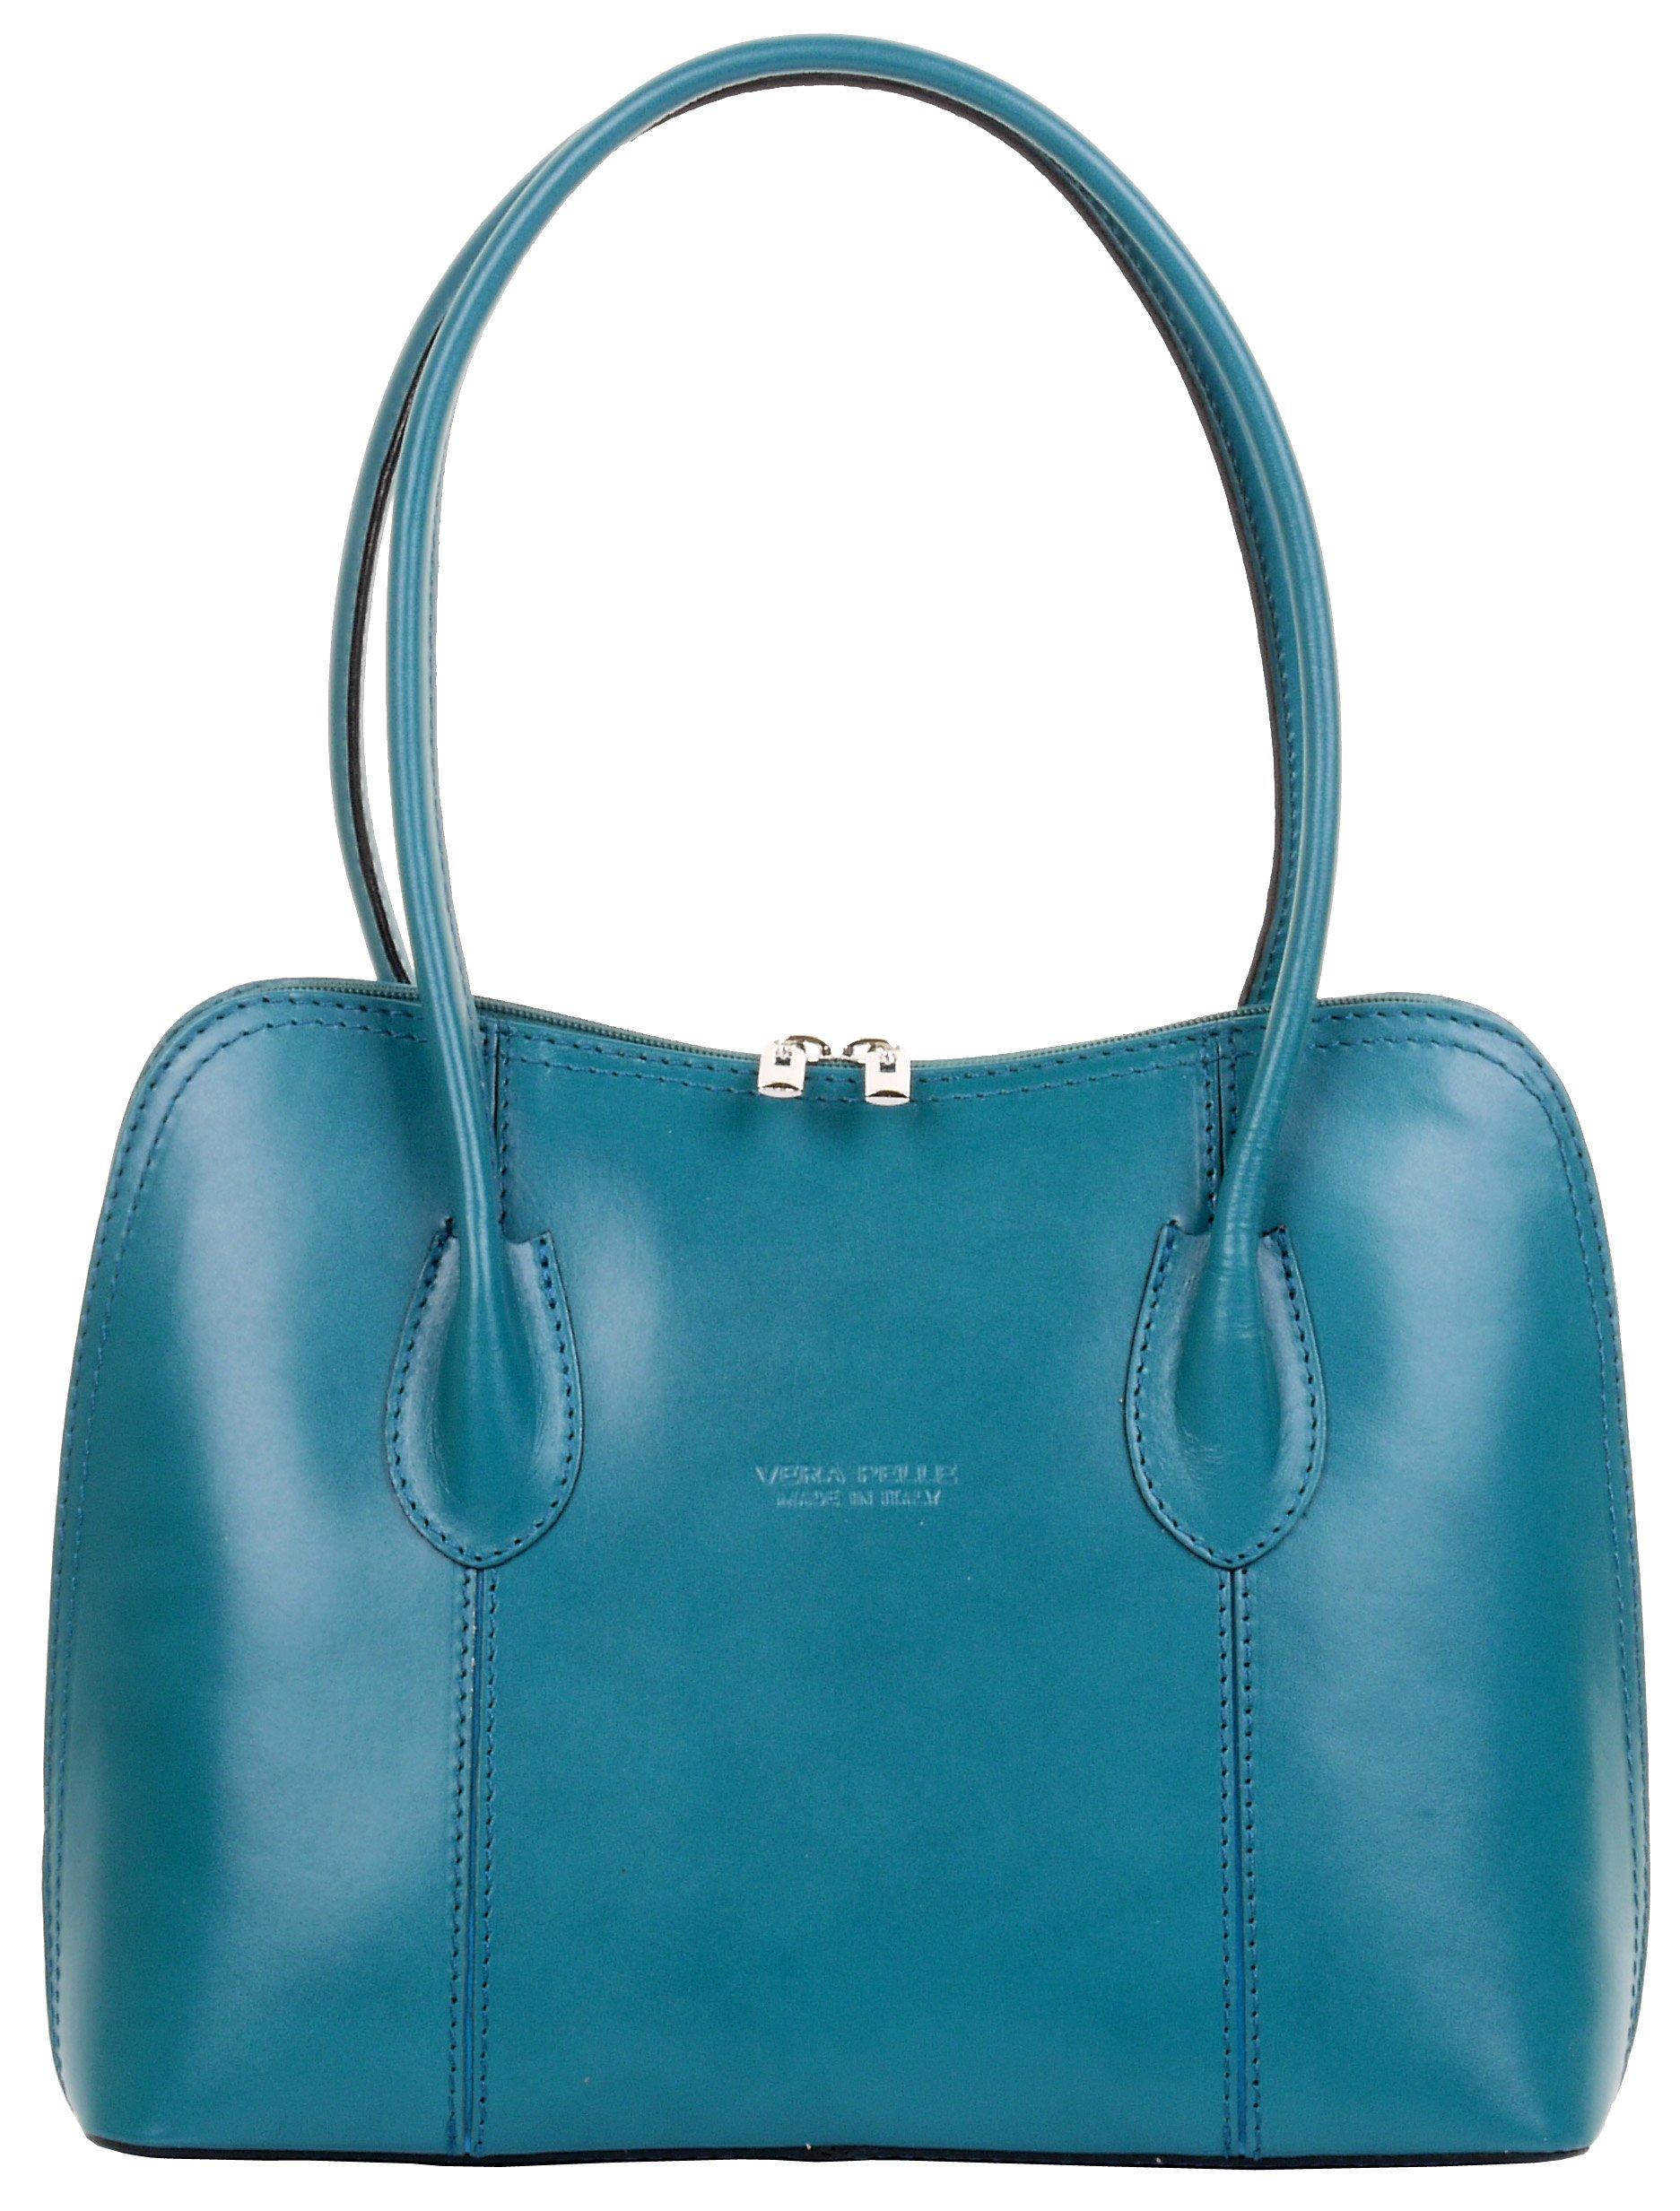 Primo Sacchi Italian Smooth Leather Teal Classic Long Handled Handbag Tote Grab Bag Shoulder Bag